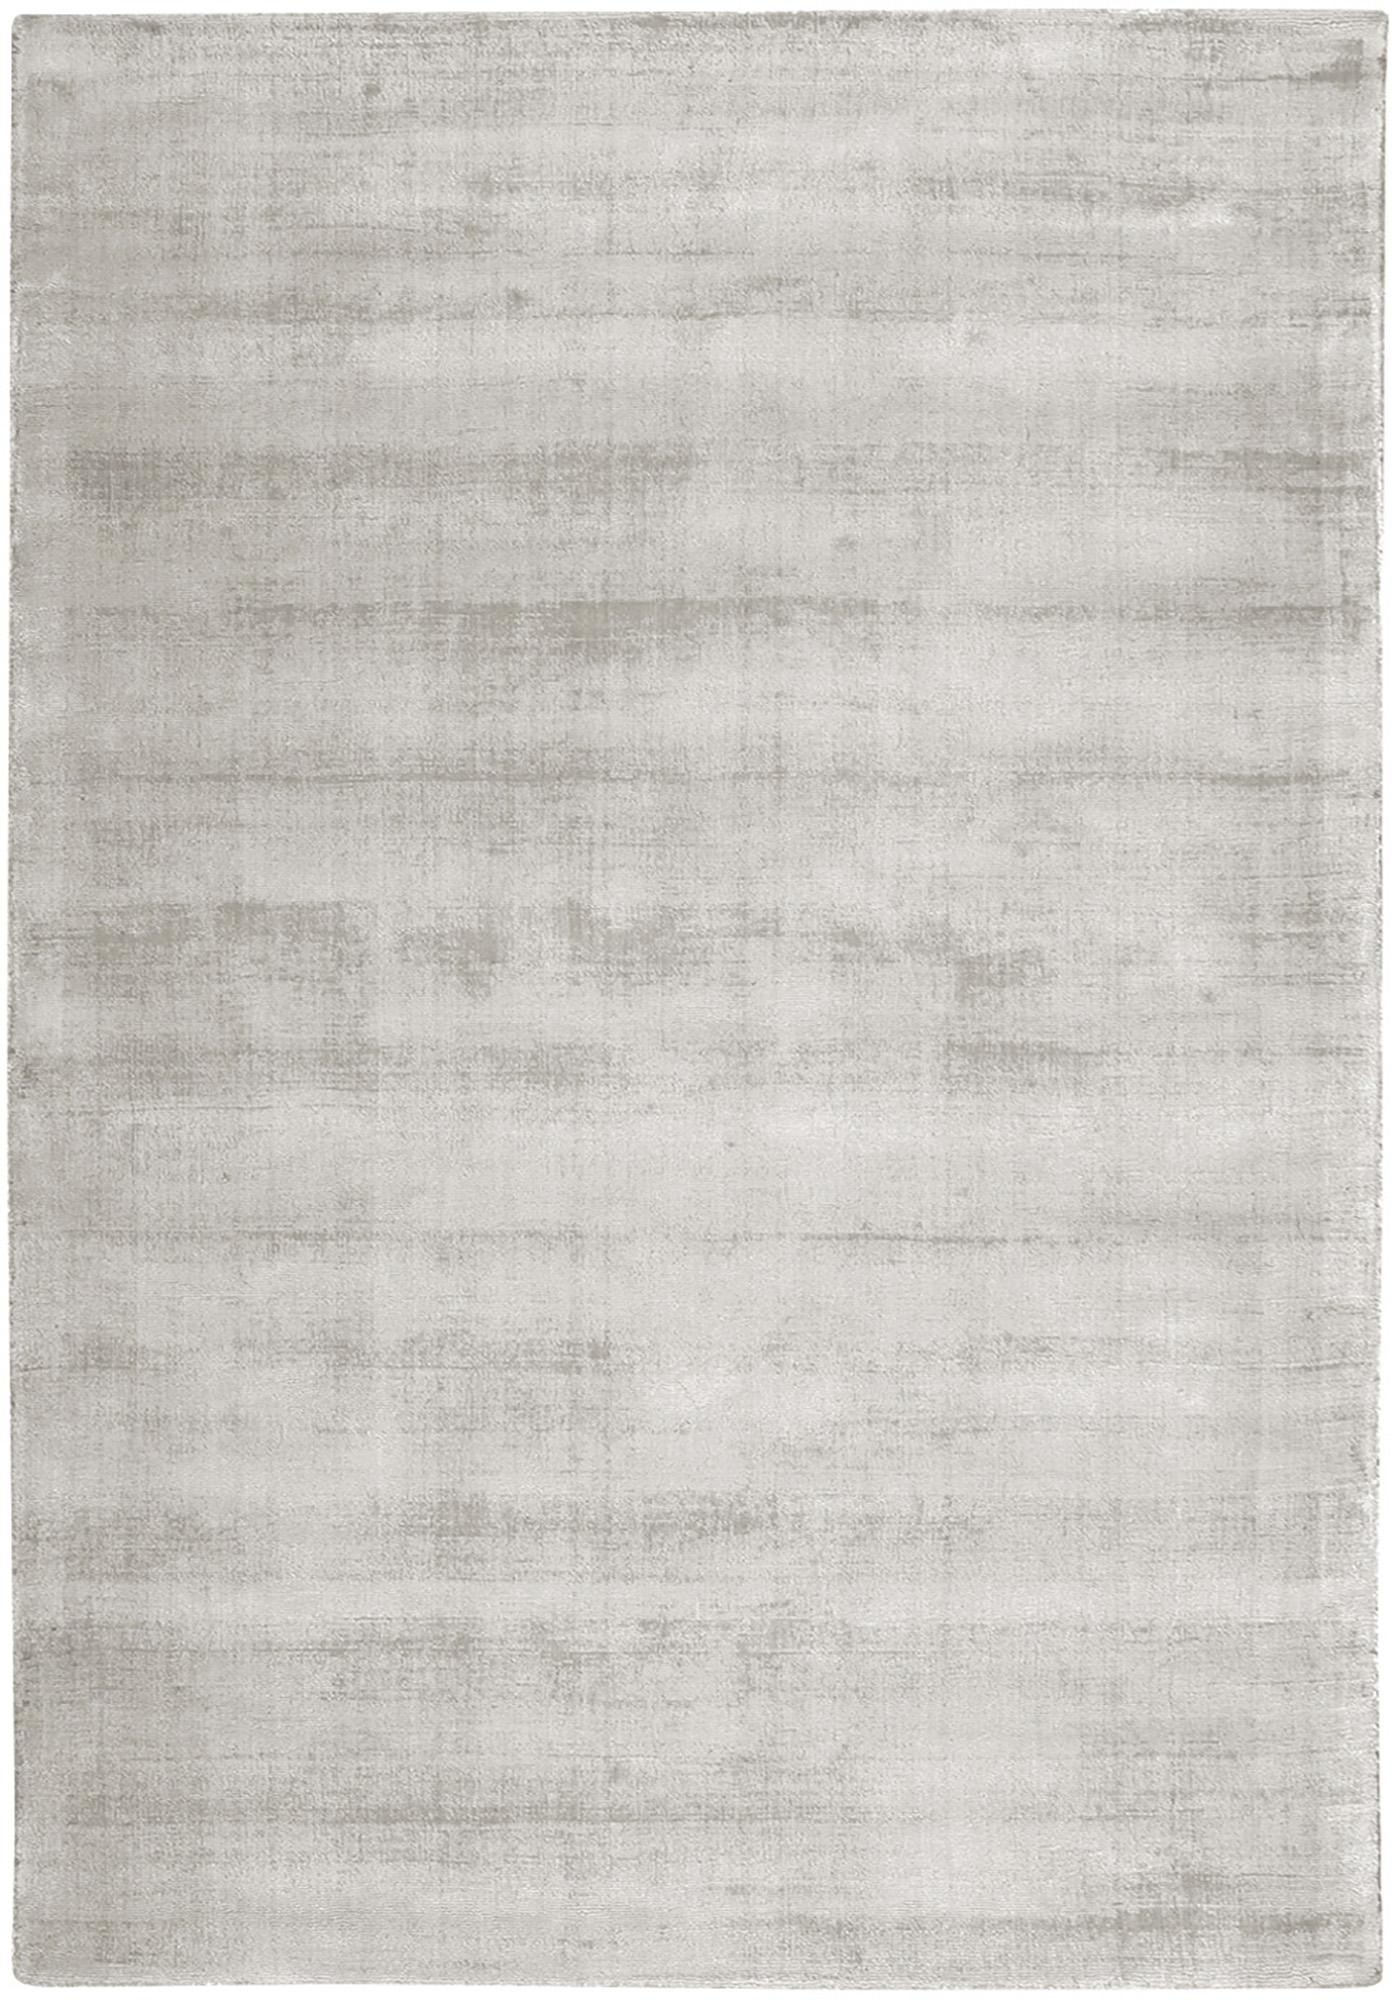 Tappeto in viscosa tessuto a mano Jane, Retro: 100% cotone, Grigio chiaro-beige, Larg.160 x Lung. 230 cm  (taglia M)